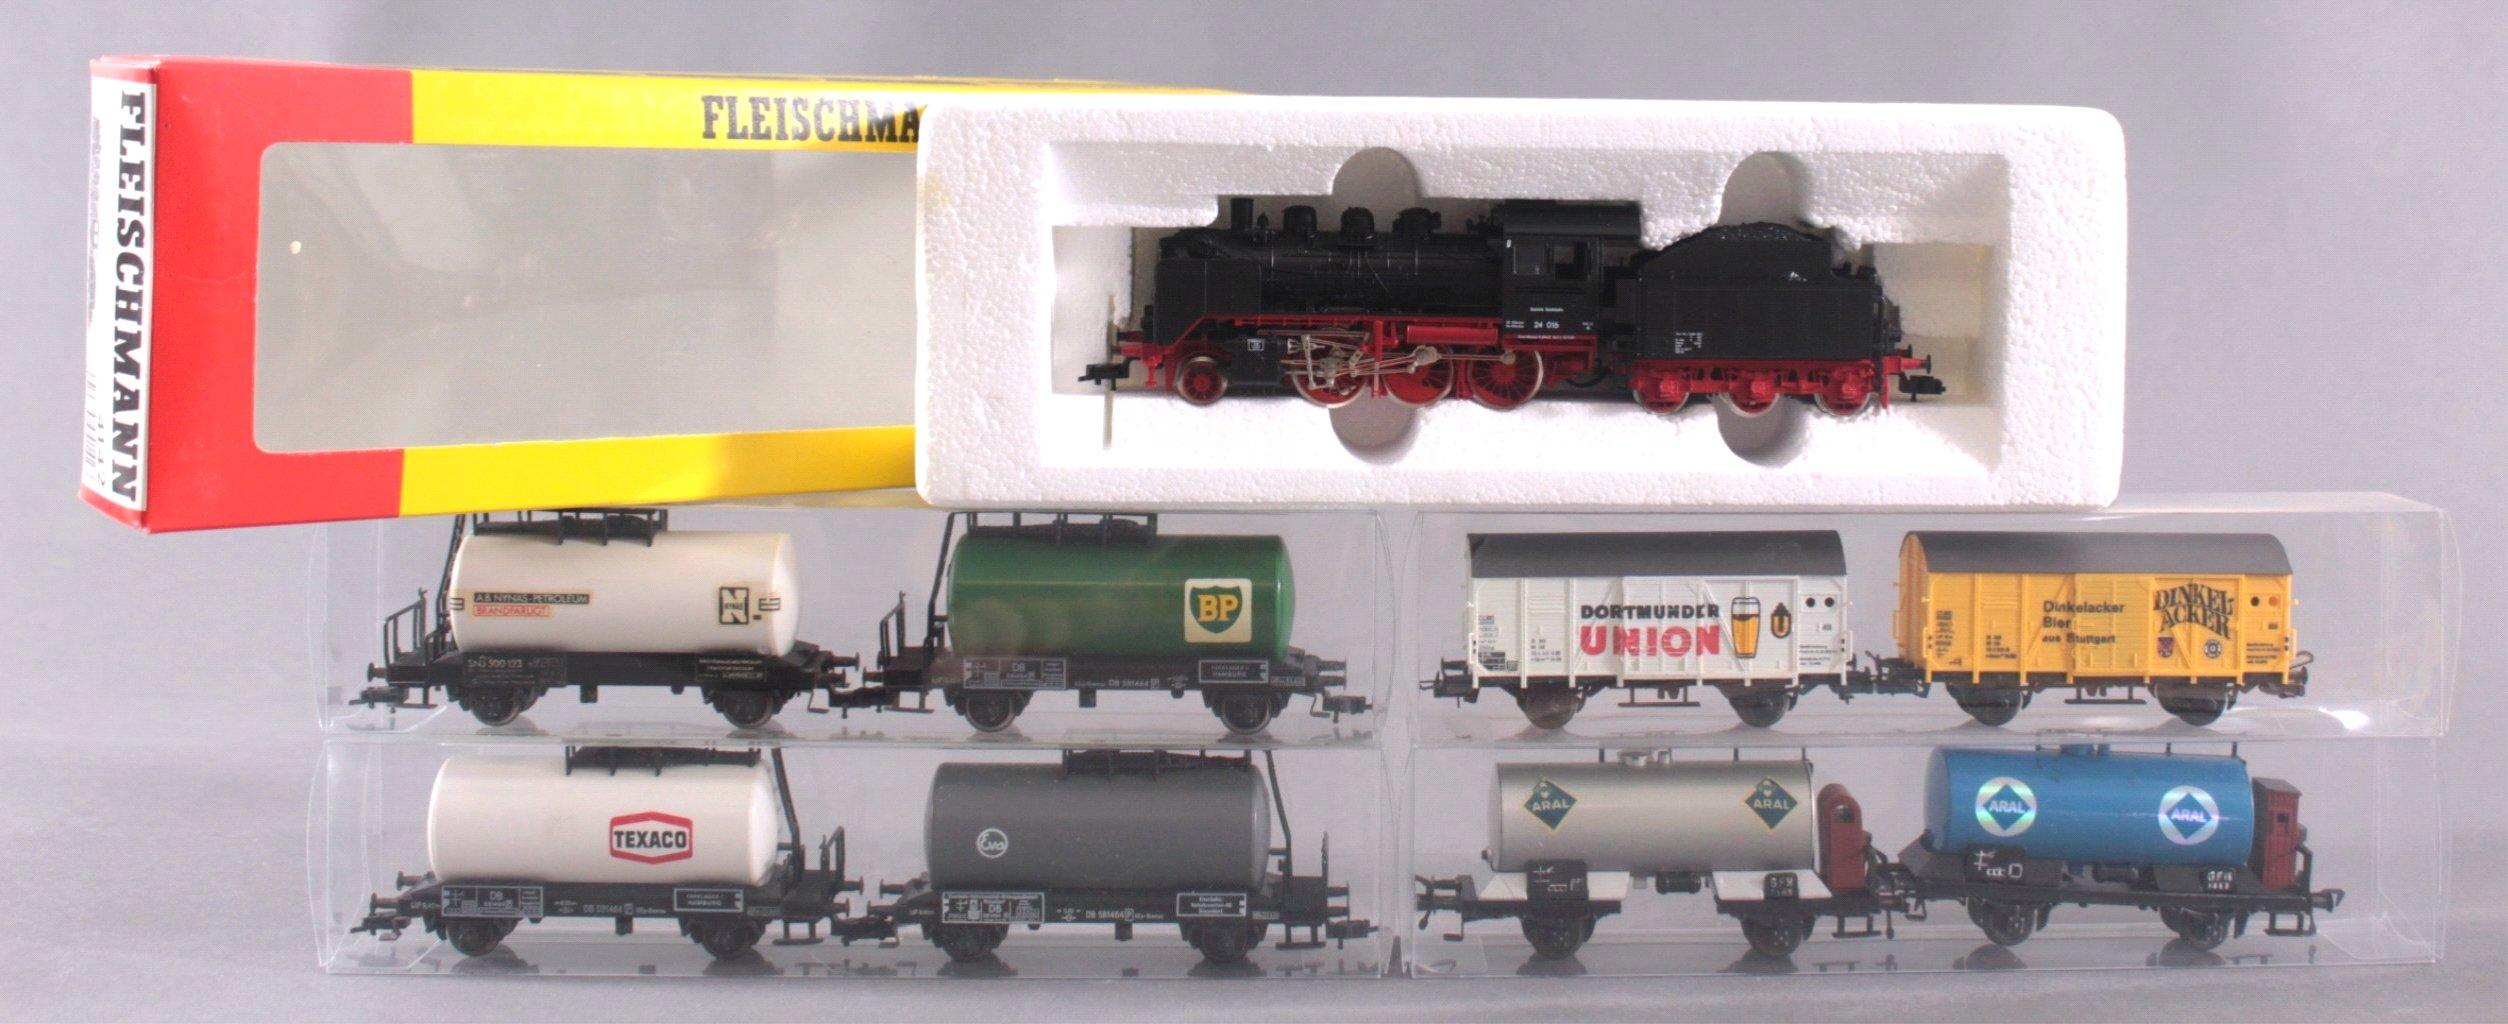 Fleischmann Dampflok 4142 Spur H0 mit Tender und 8 Waggons